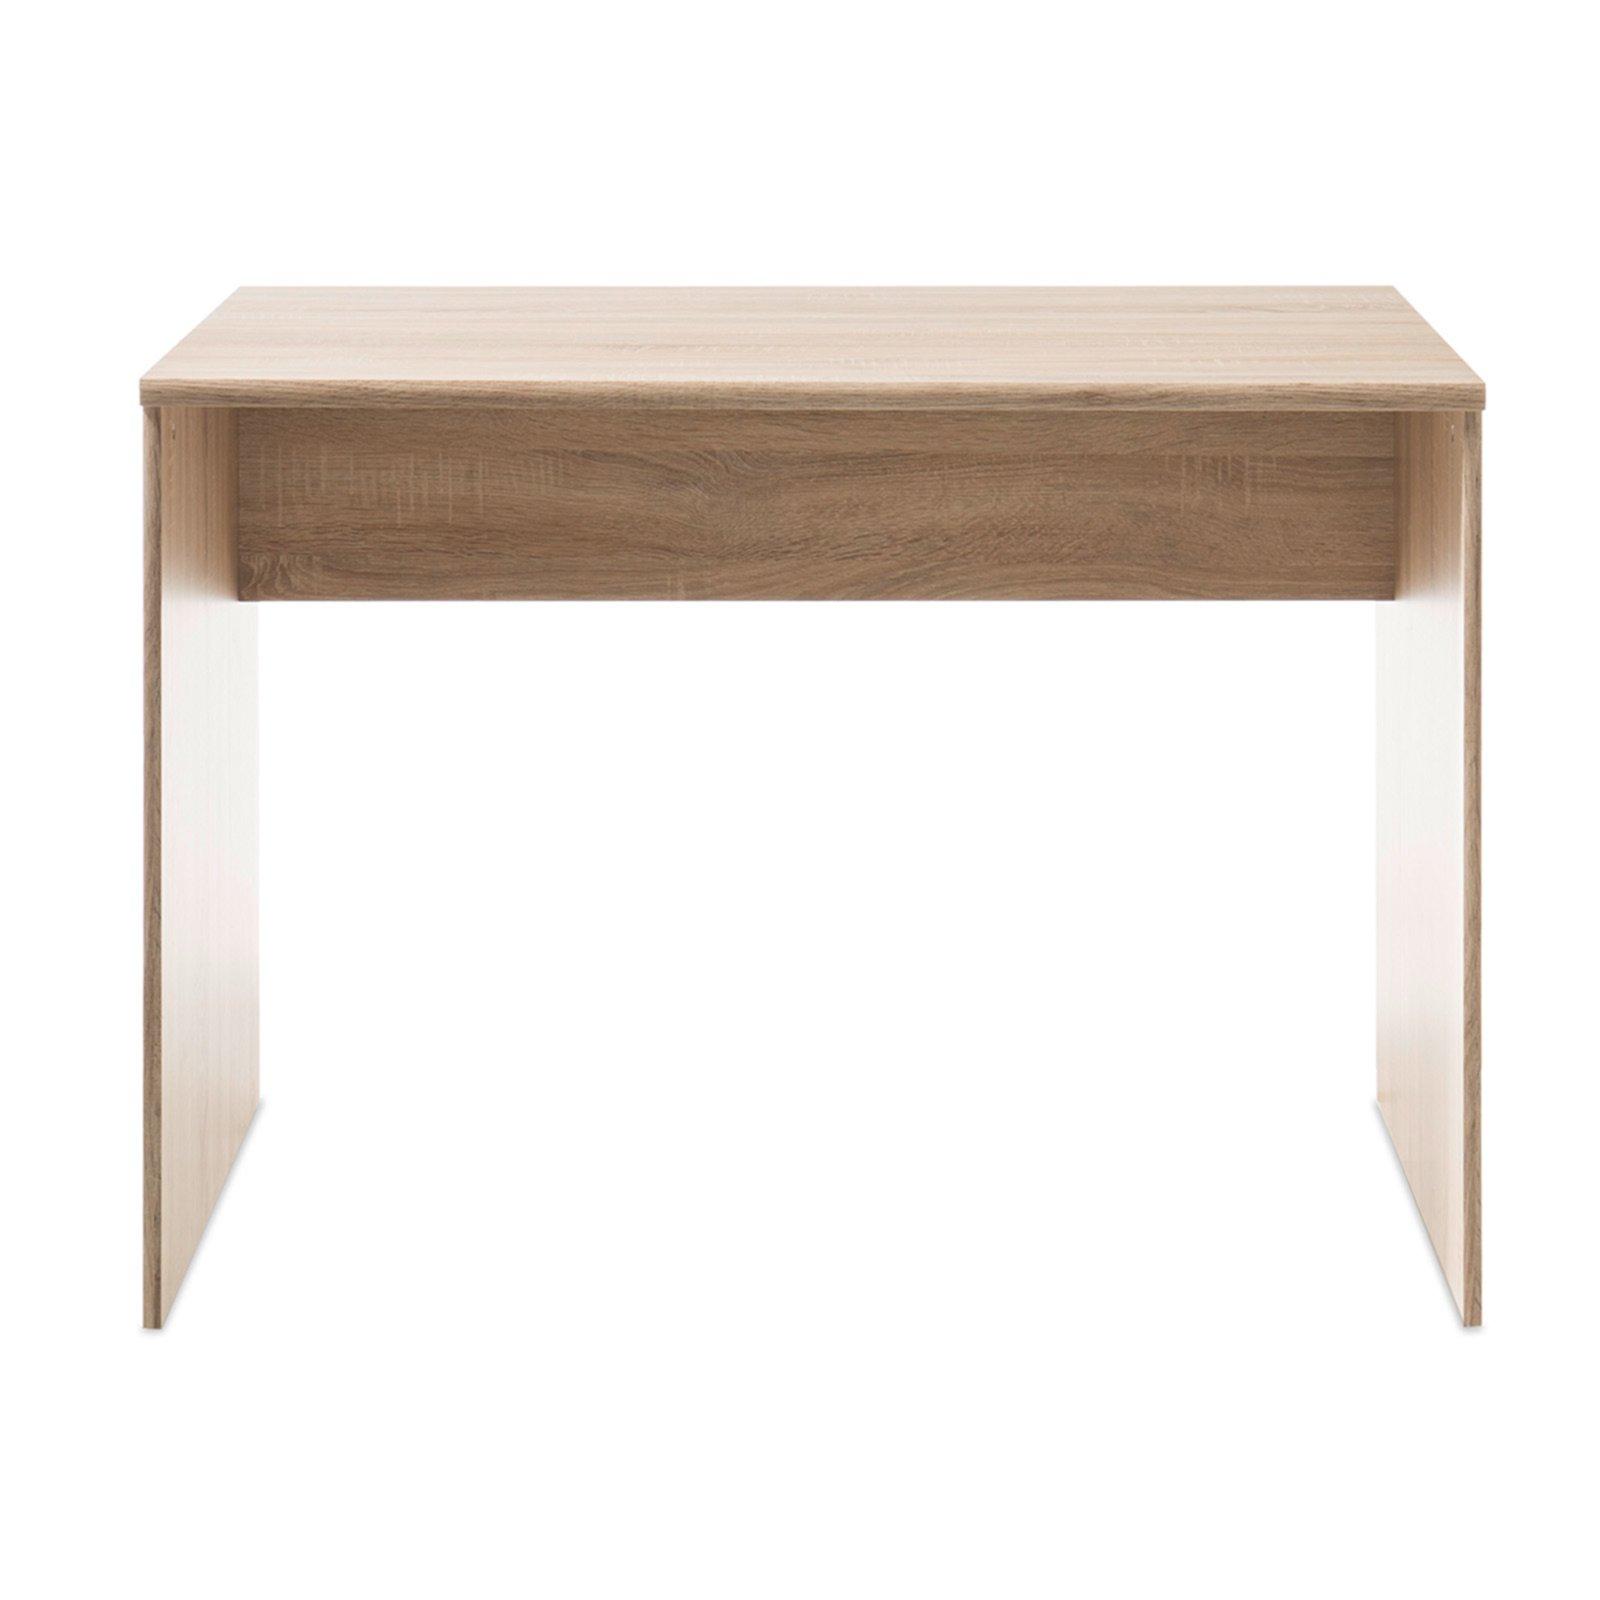 Schreibtisch optimus sonoma eiche 75 cm hoch for Schreibtisch hoch